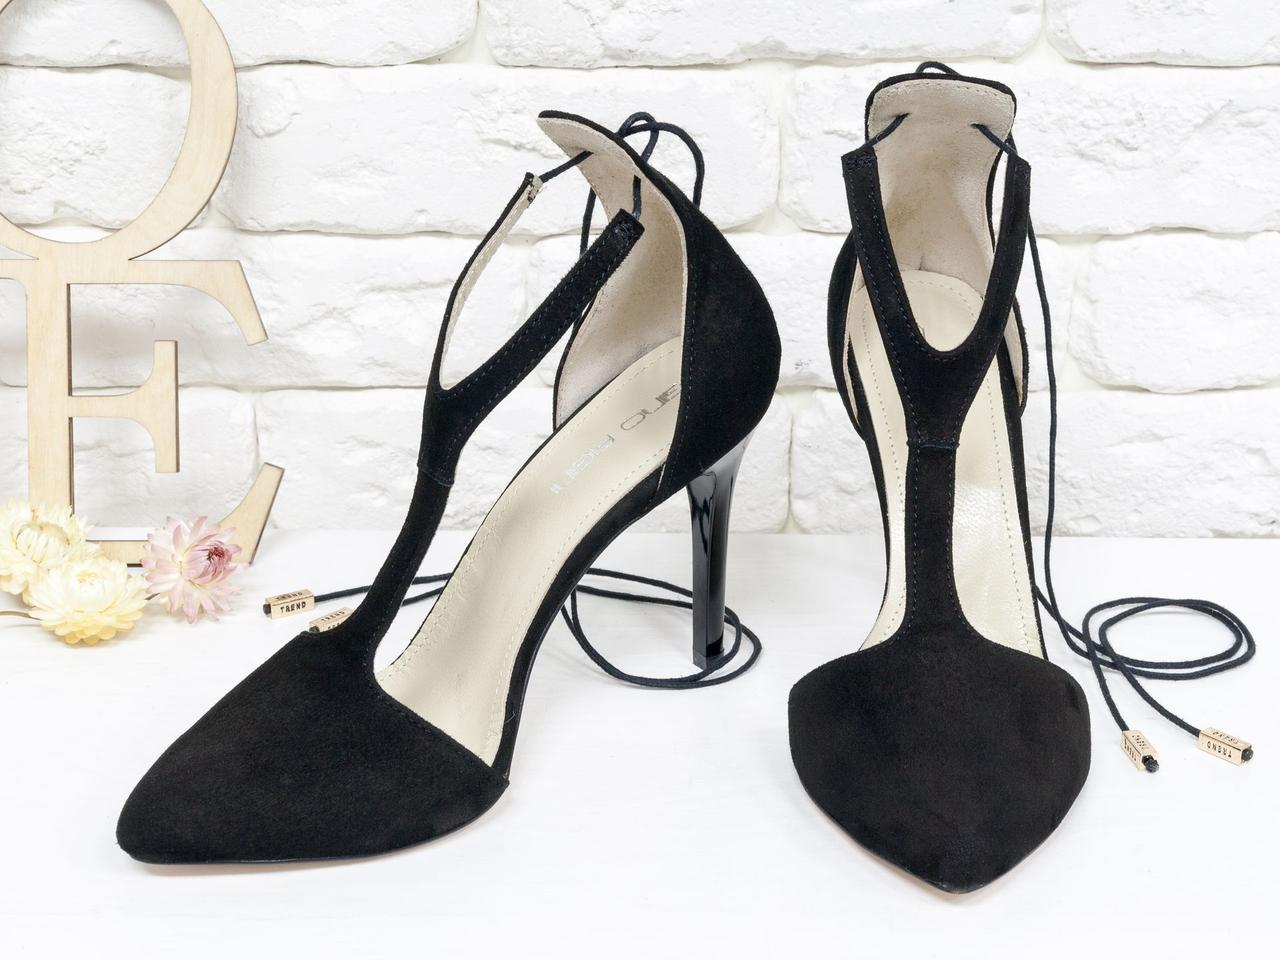 Нарядные туфли с удлиненным носиком, на лаковой шпильке, выполнены из натуральной замши черного цвета